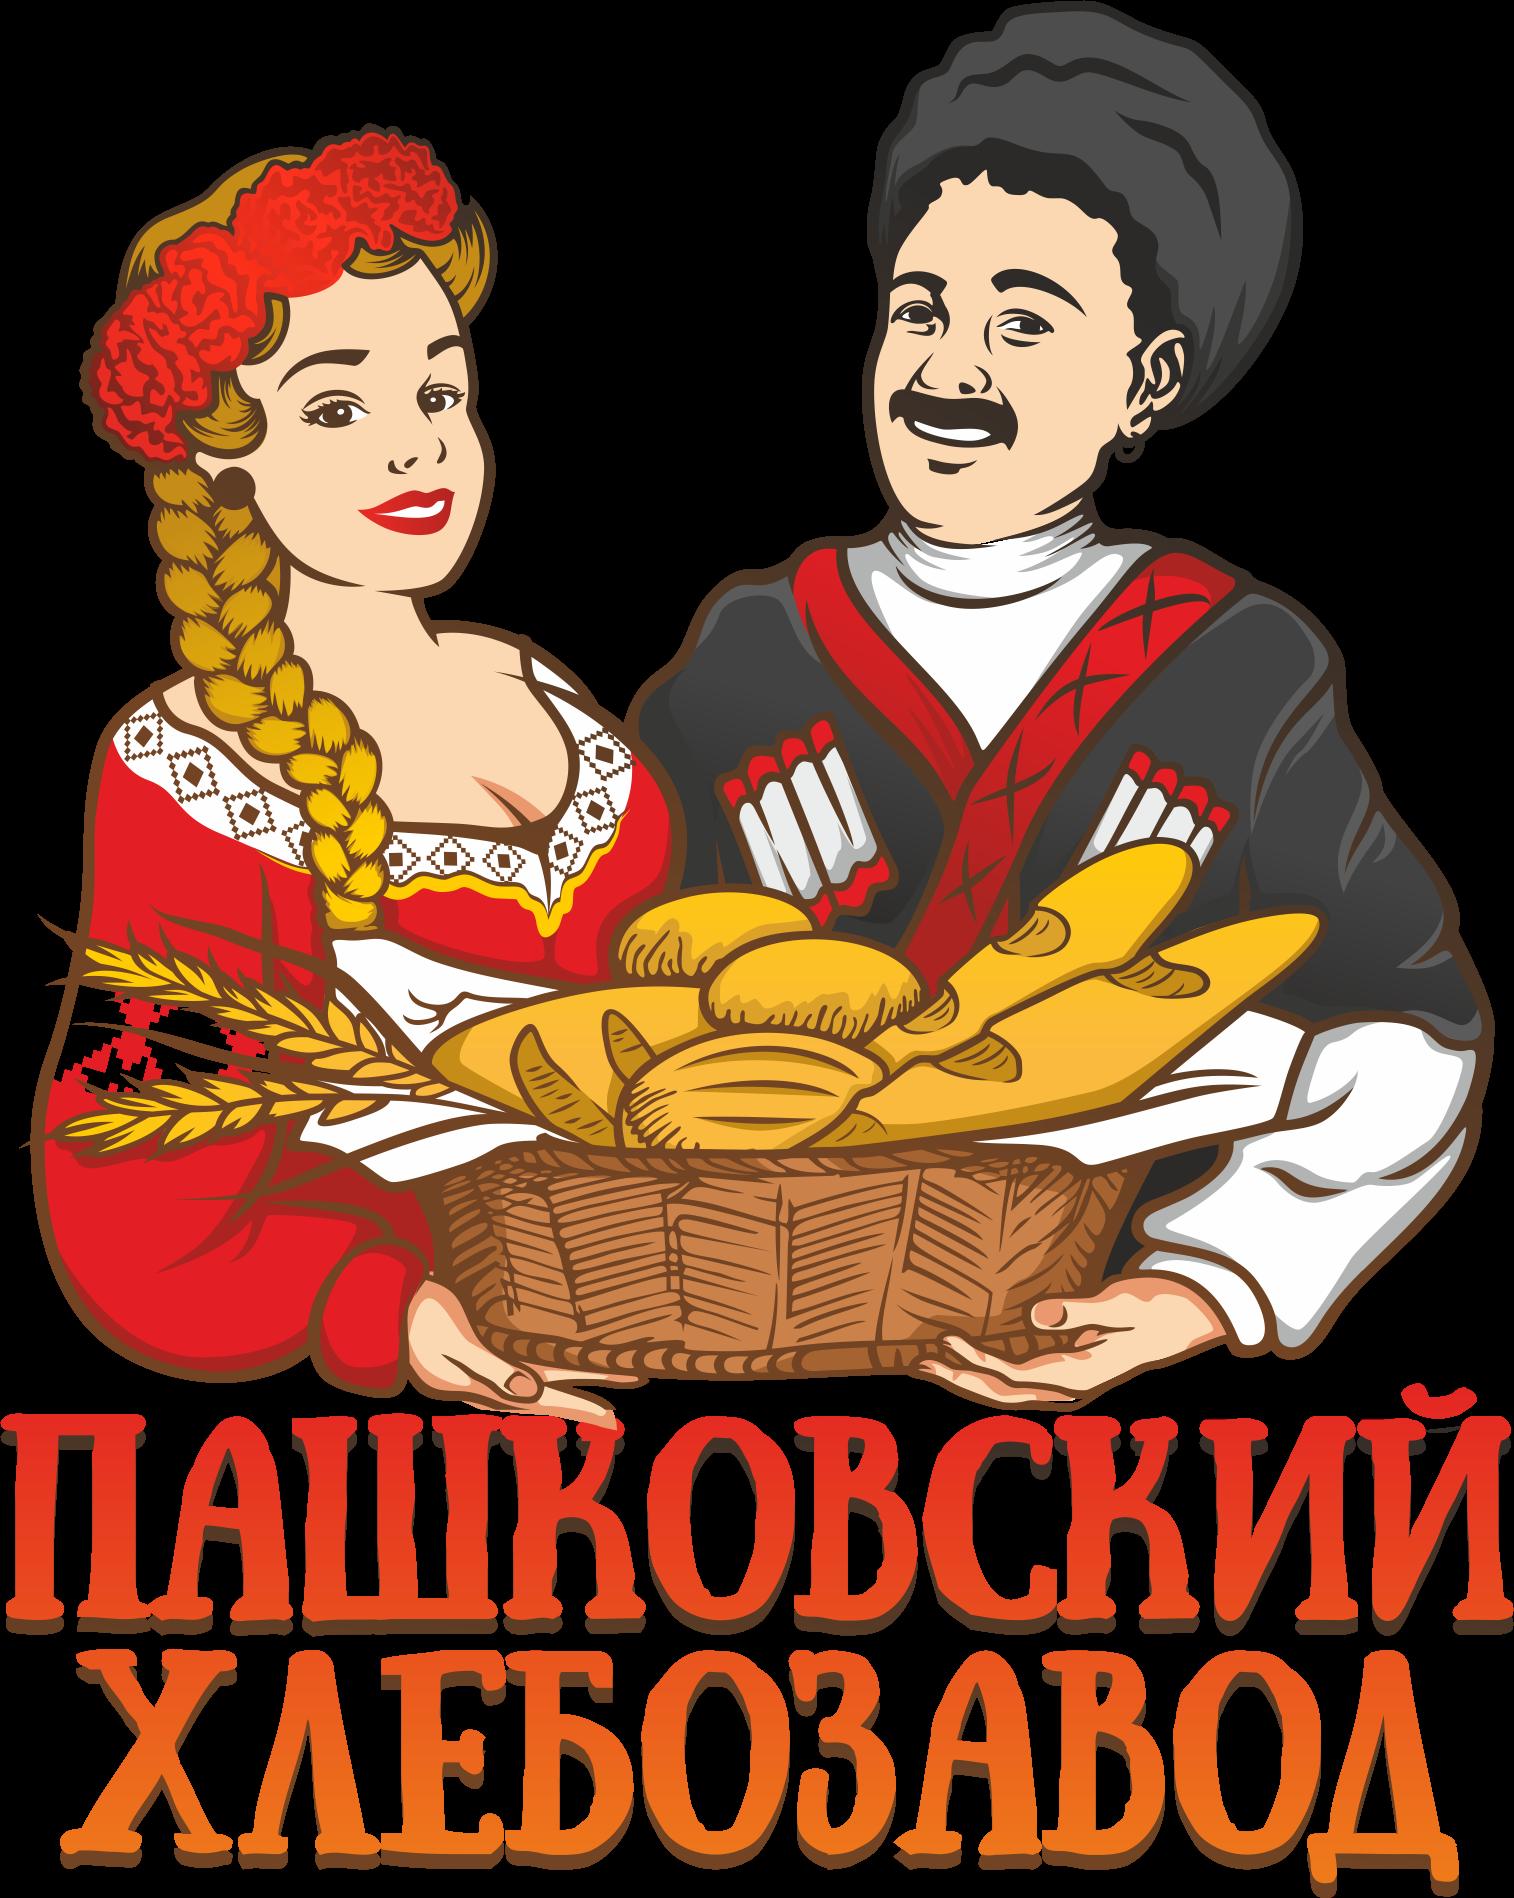 Общество с ограниченной ответственностью «Пашковский хлебозавод», ИНН 2312152933